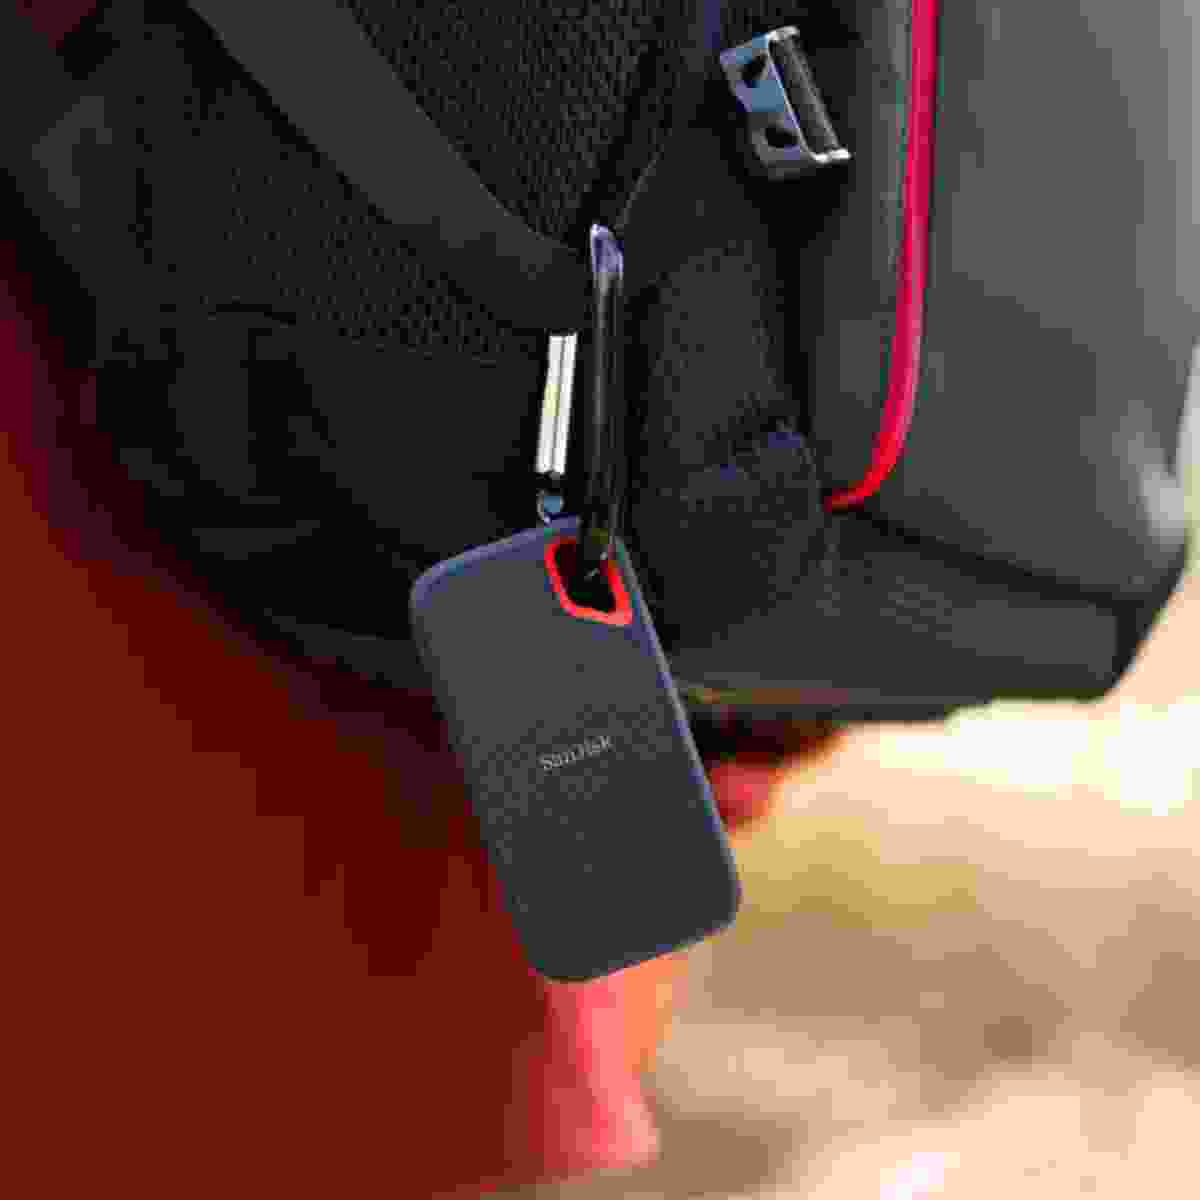 SanDisk Extreme Portable SSD drive (SanDisk)